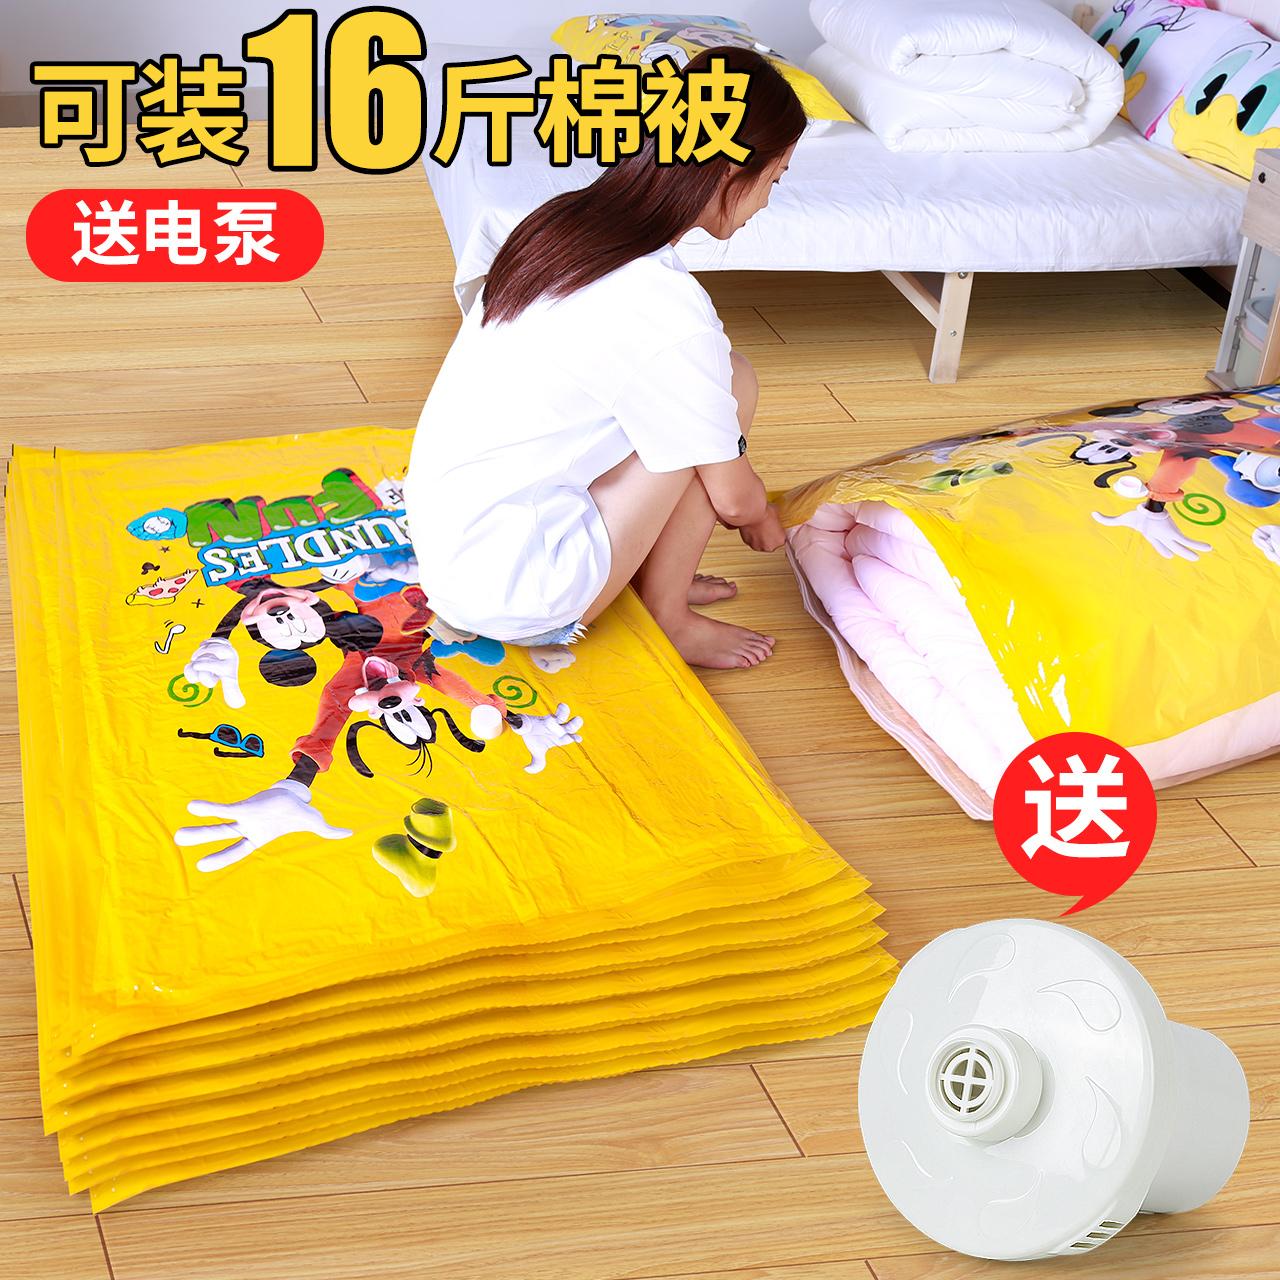 迪士尼真空压缩袋加厚特大号收纳袋棉被衣服塑料袋行李打包袋